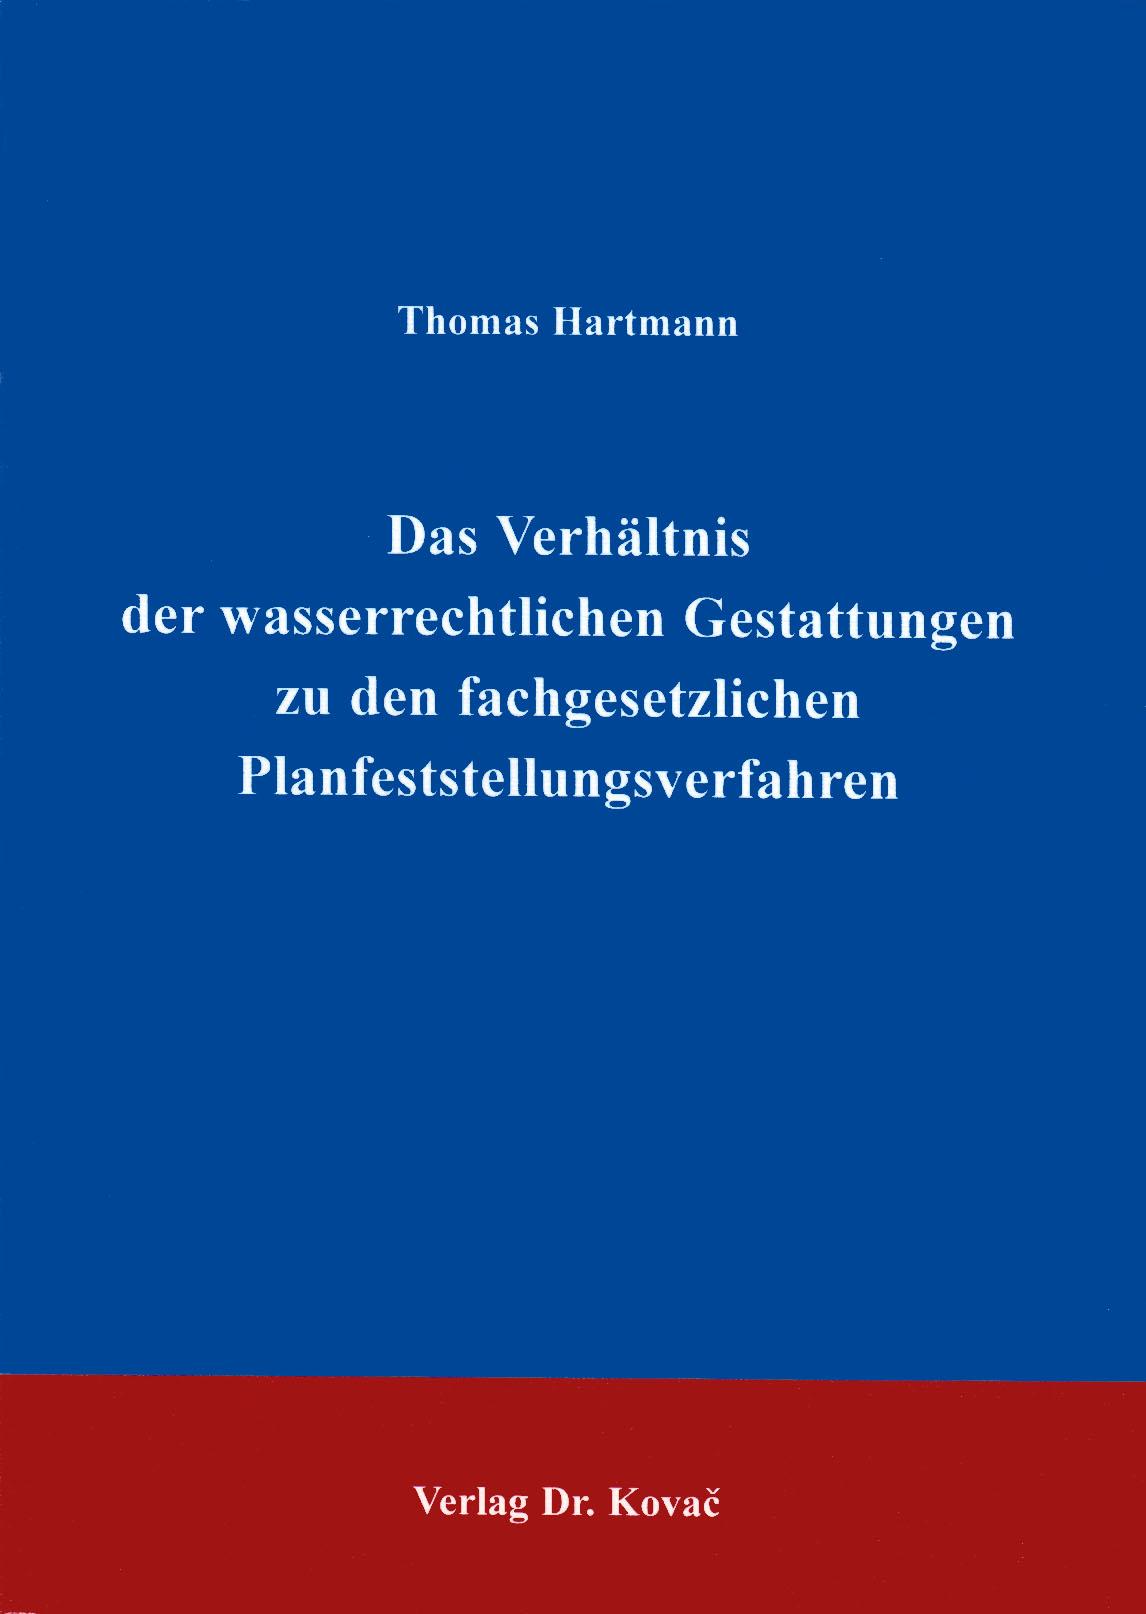 Cover: Das Verhältnis der wasserrechtlichen Gestattungen zu den fachgesetzlichen Planfeststellungsverfahren